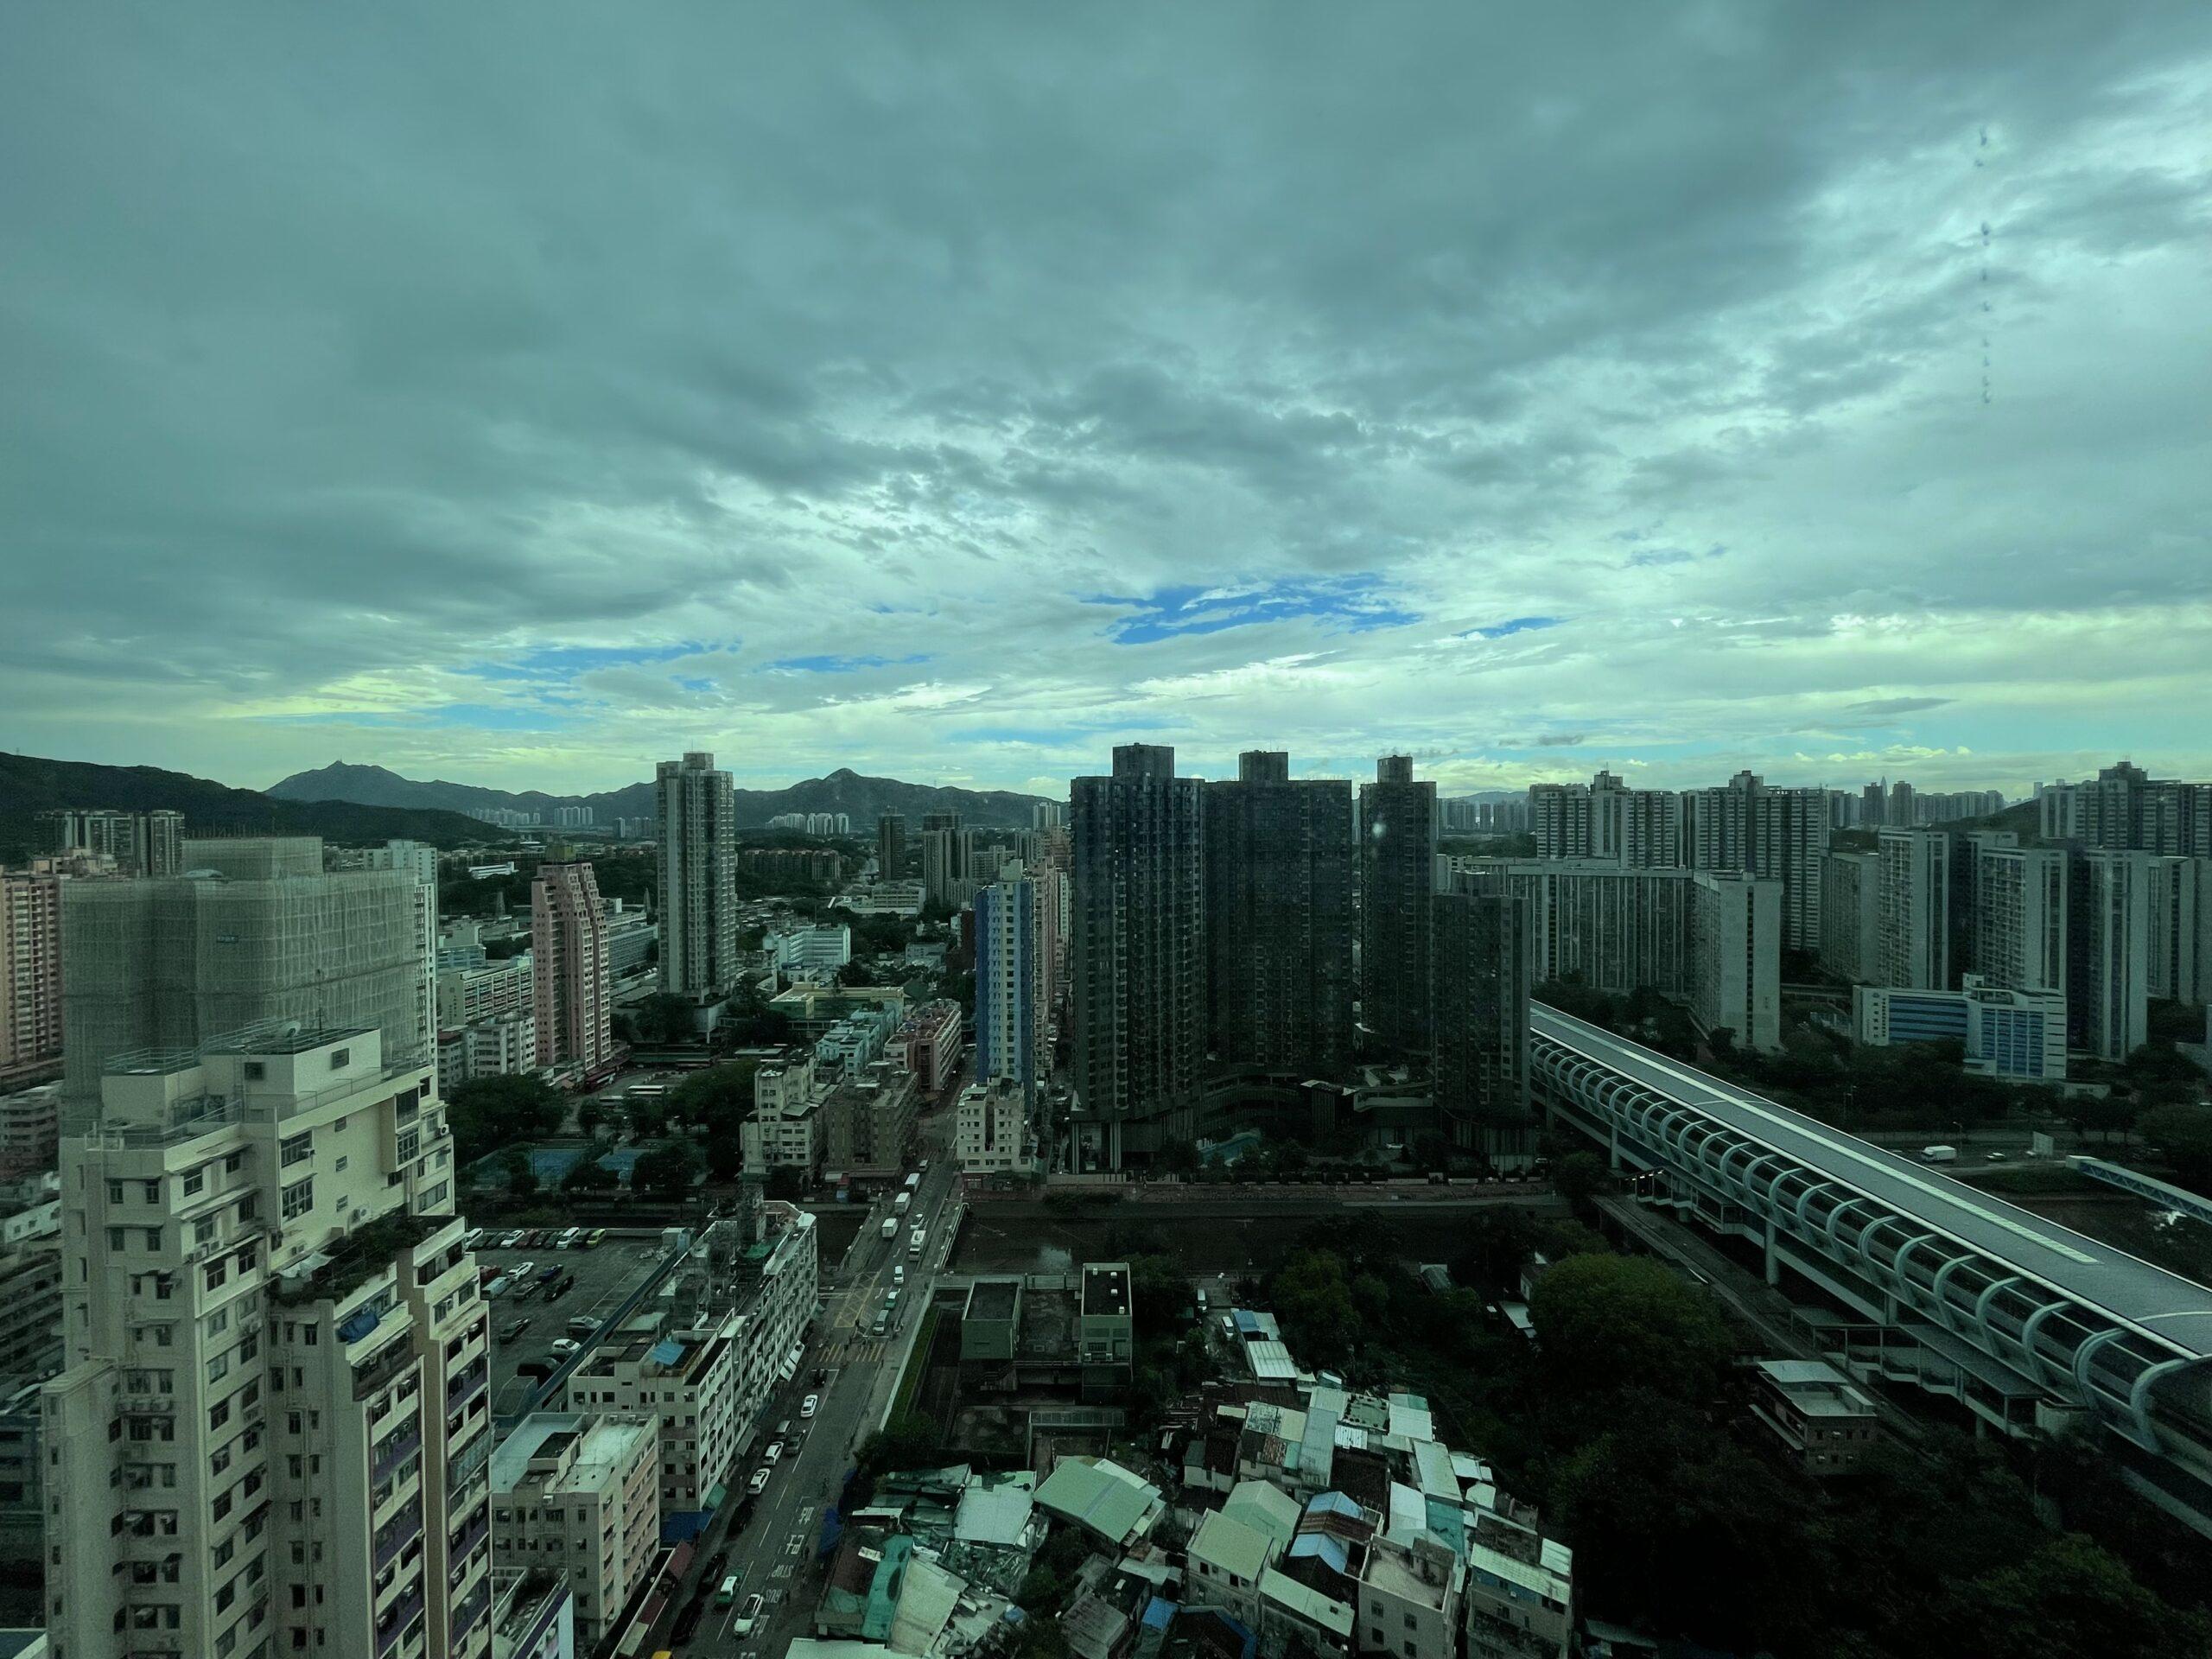 元朗鐵路站荀租盤 - 元朗屋網 28YuenLong.com